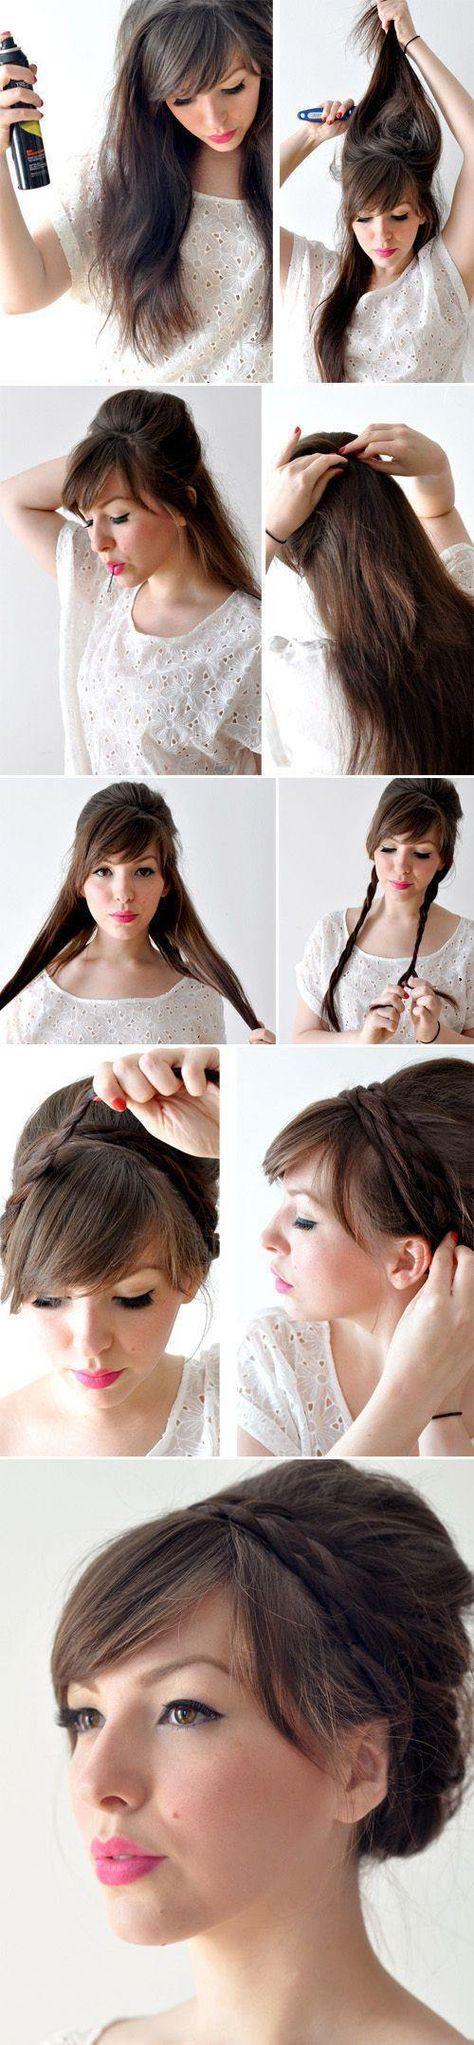 hair ideas for long hair do it yourself | hair styles 3 Do it yourself hairstyles (26 photos)